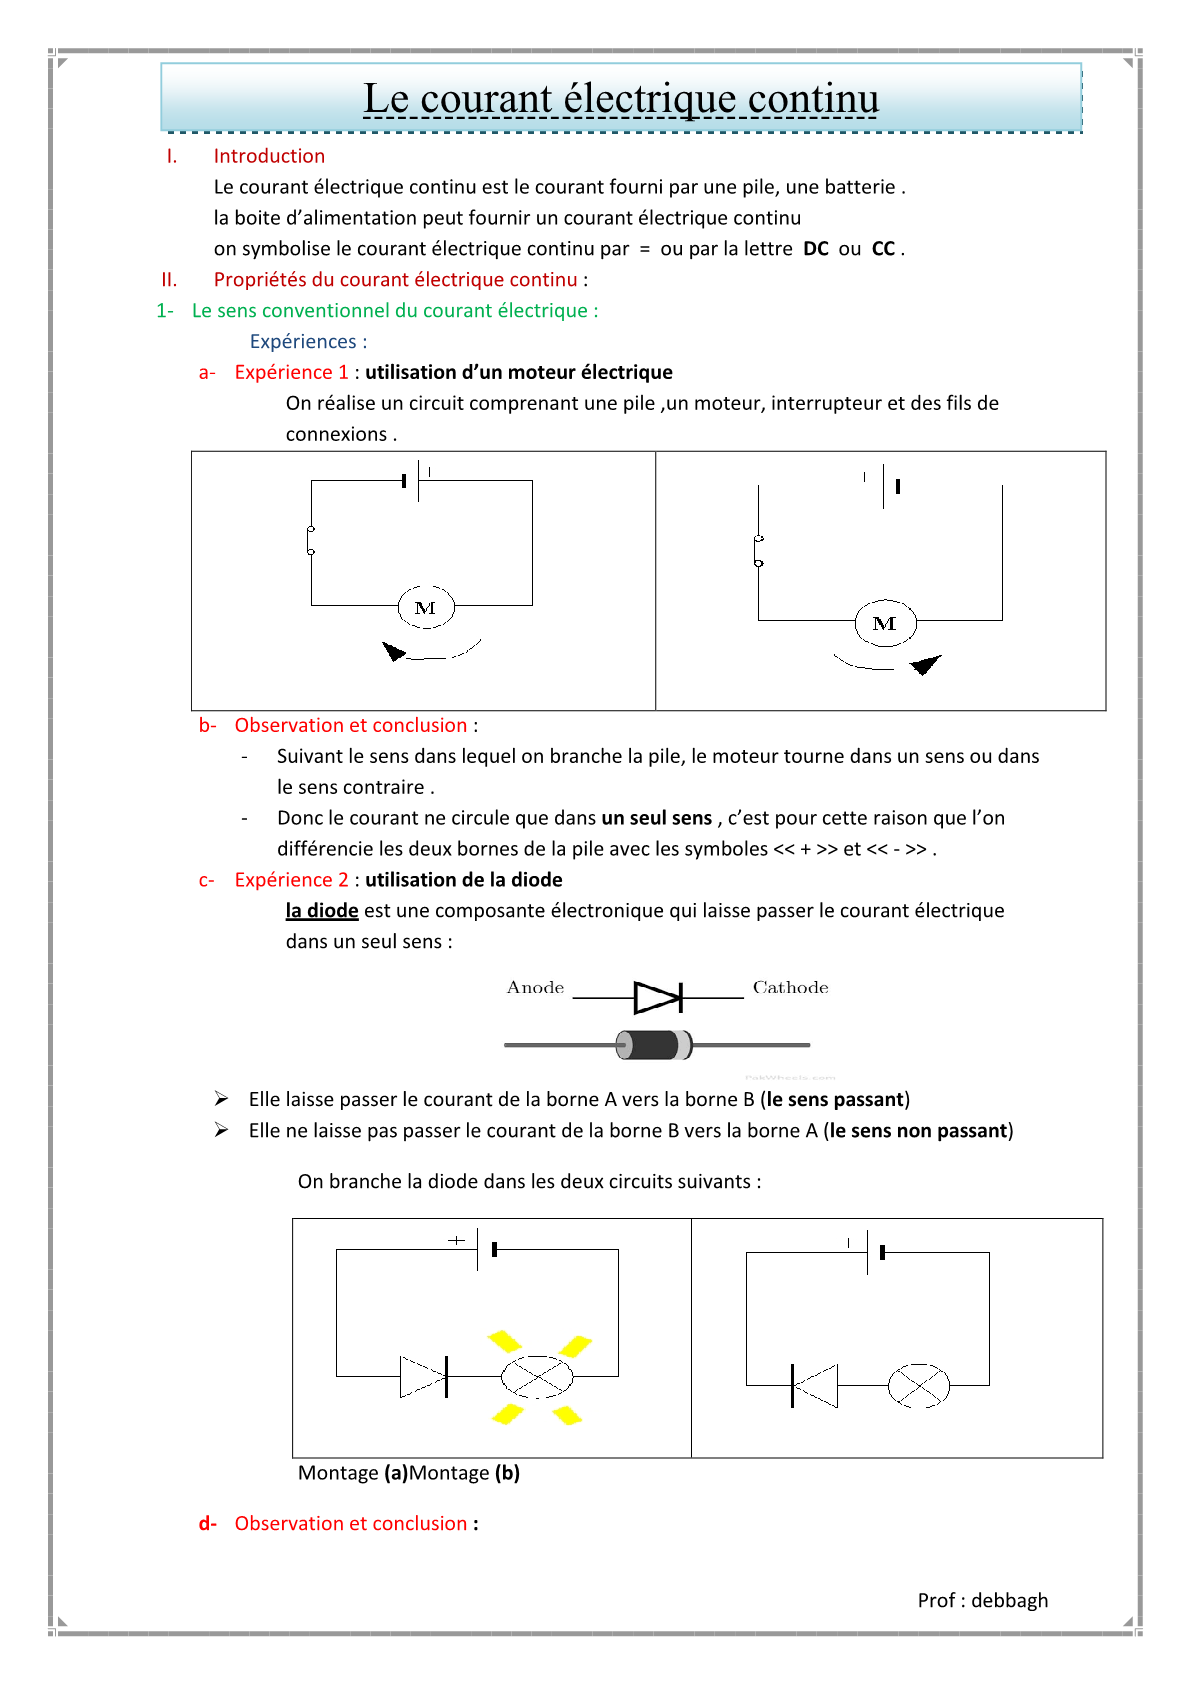 درس Le courant électrique continu للسنة الأولى اعدادي